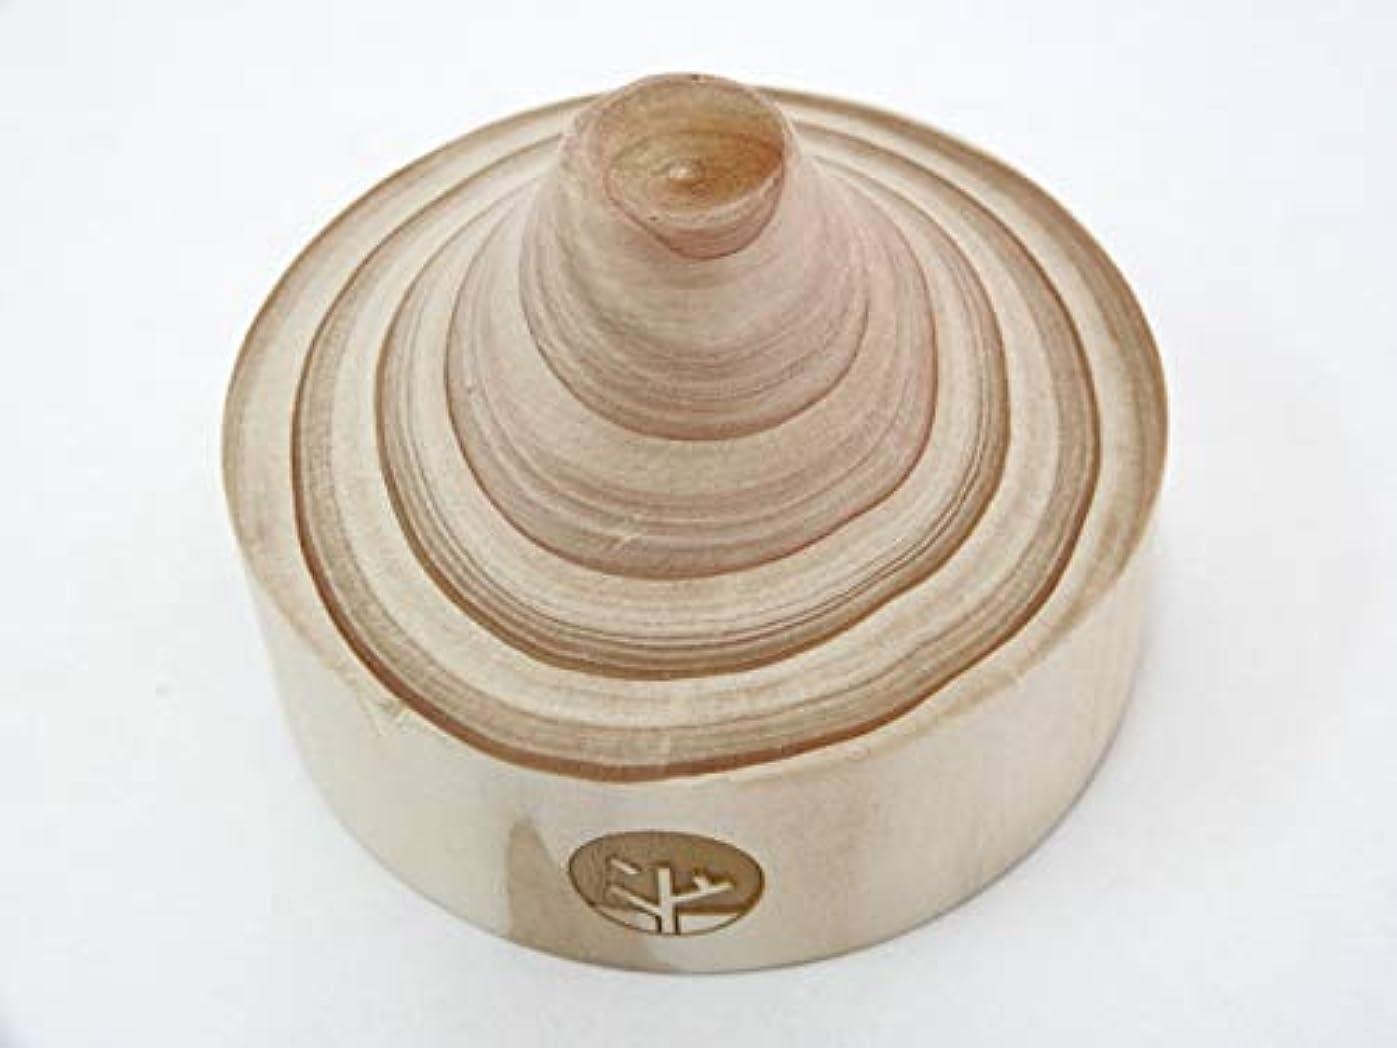 何よりも同様の冬一郎木創 木製 アロマディッシュ 心持木受香器 火山 桧 TL-97-7